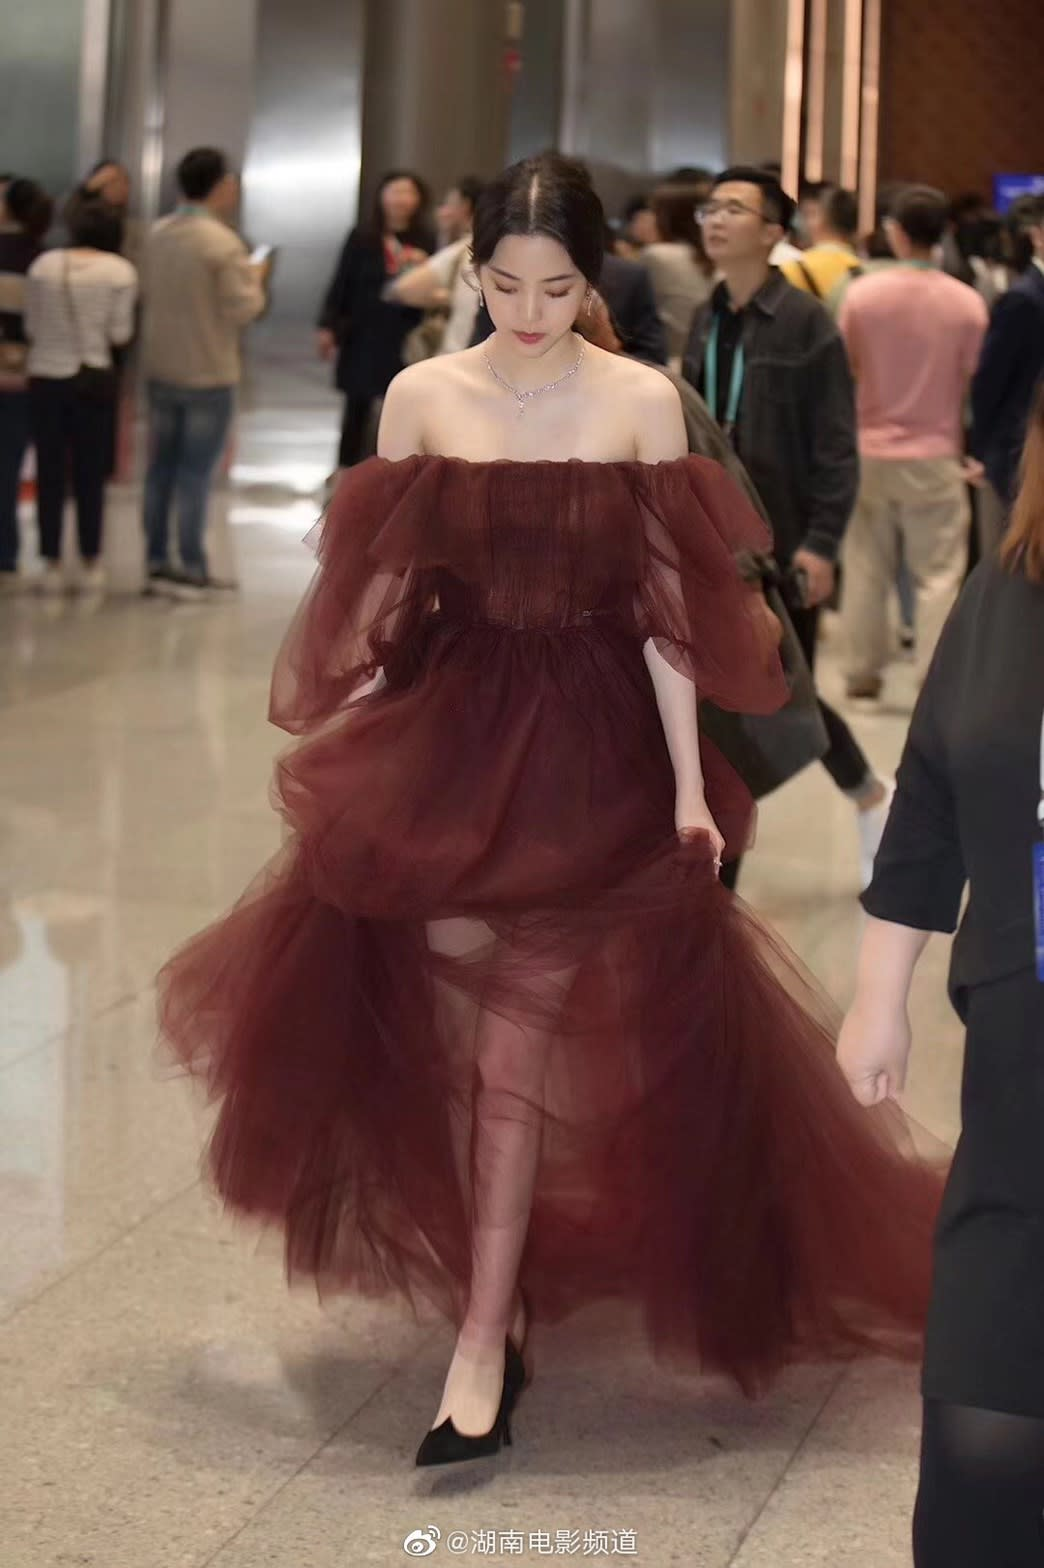 歐陽娜娜亮相金雞紅毯遭批「照騙」  粉絲力挺「氣質小仙女」